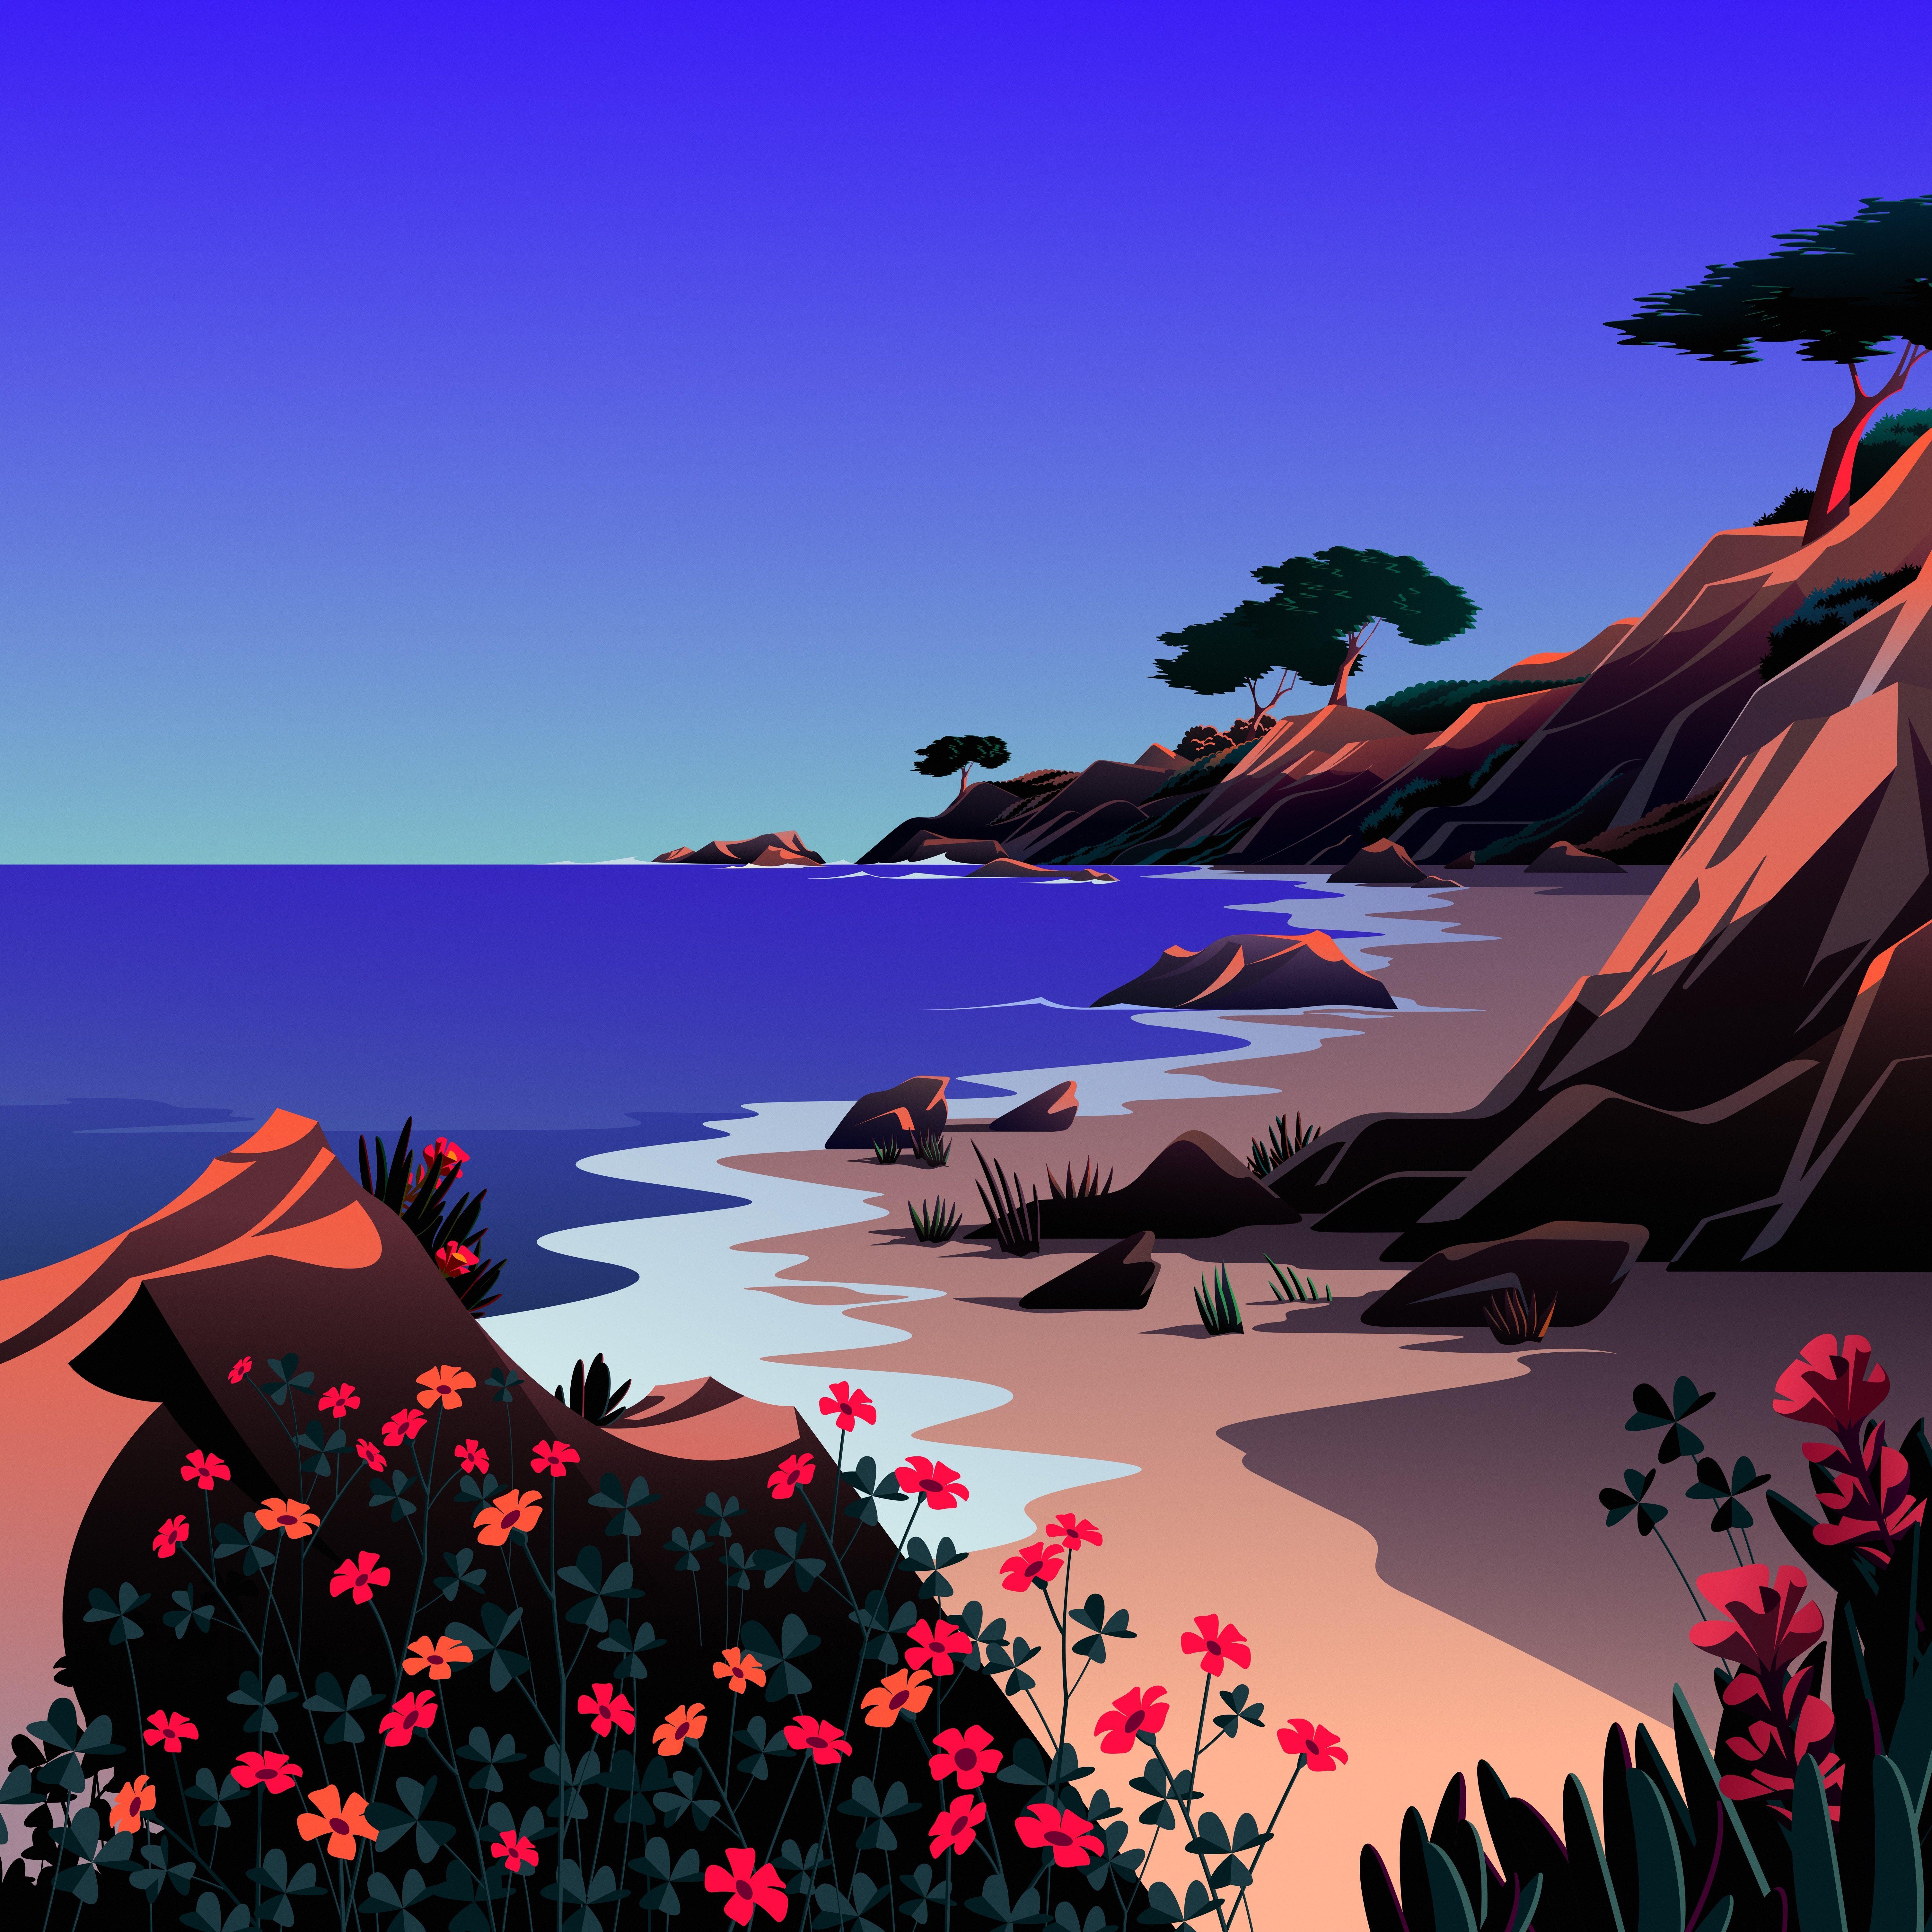 macOS Big Sur The Beach 6 dragged